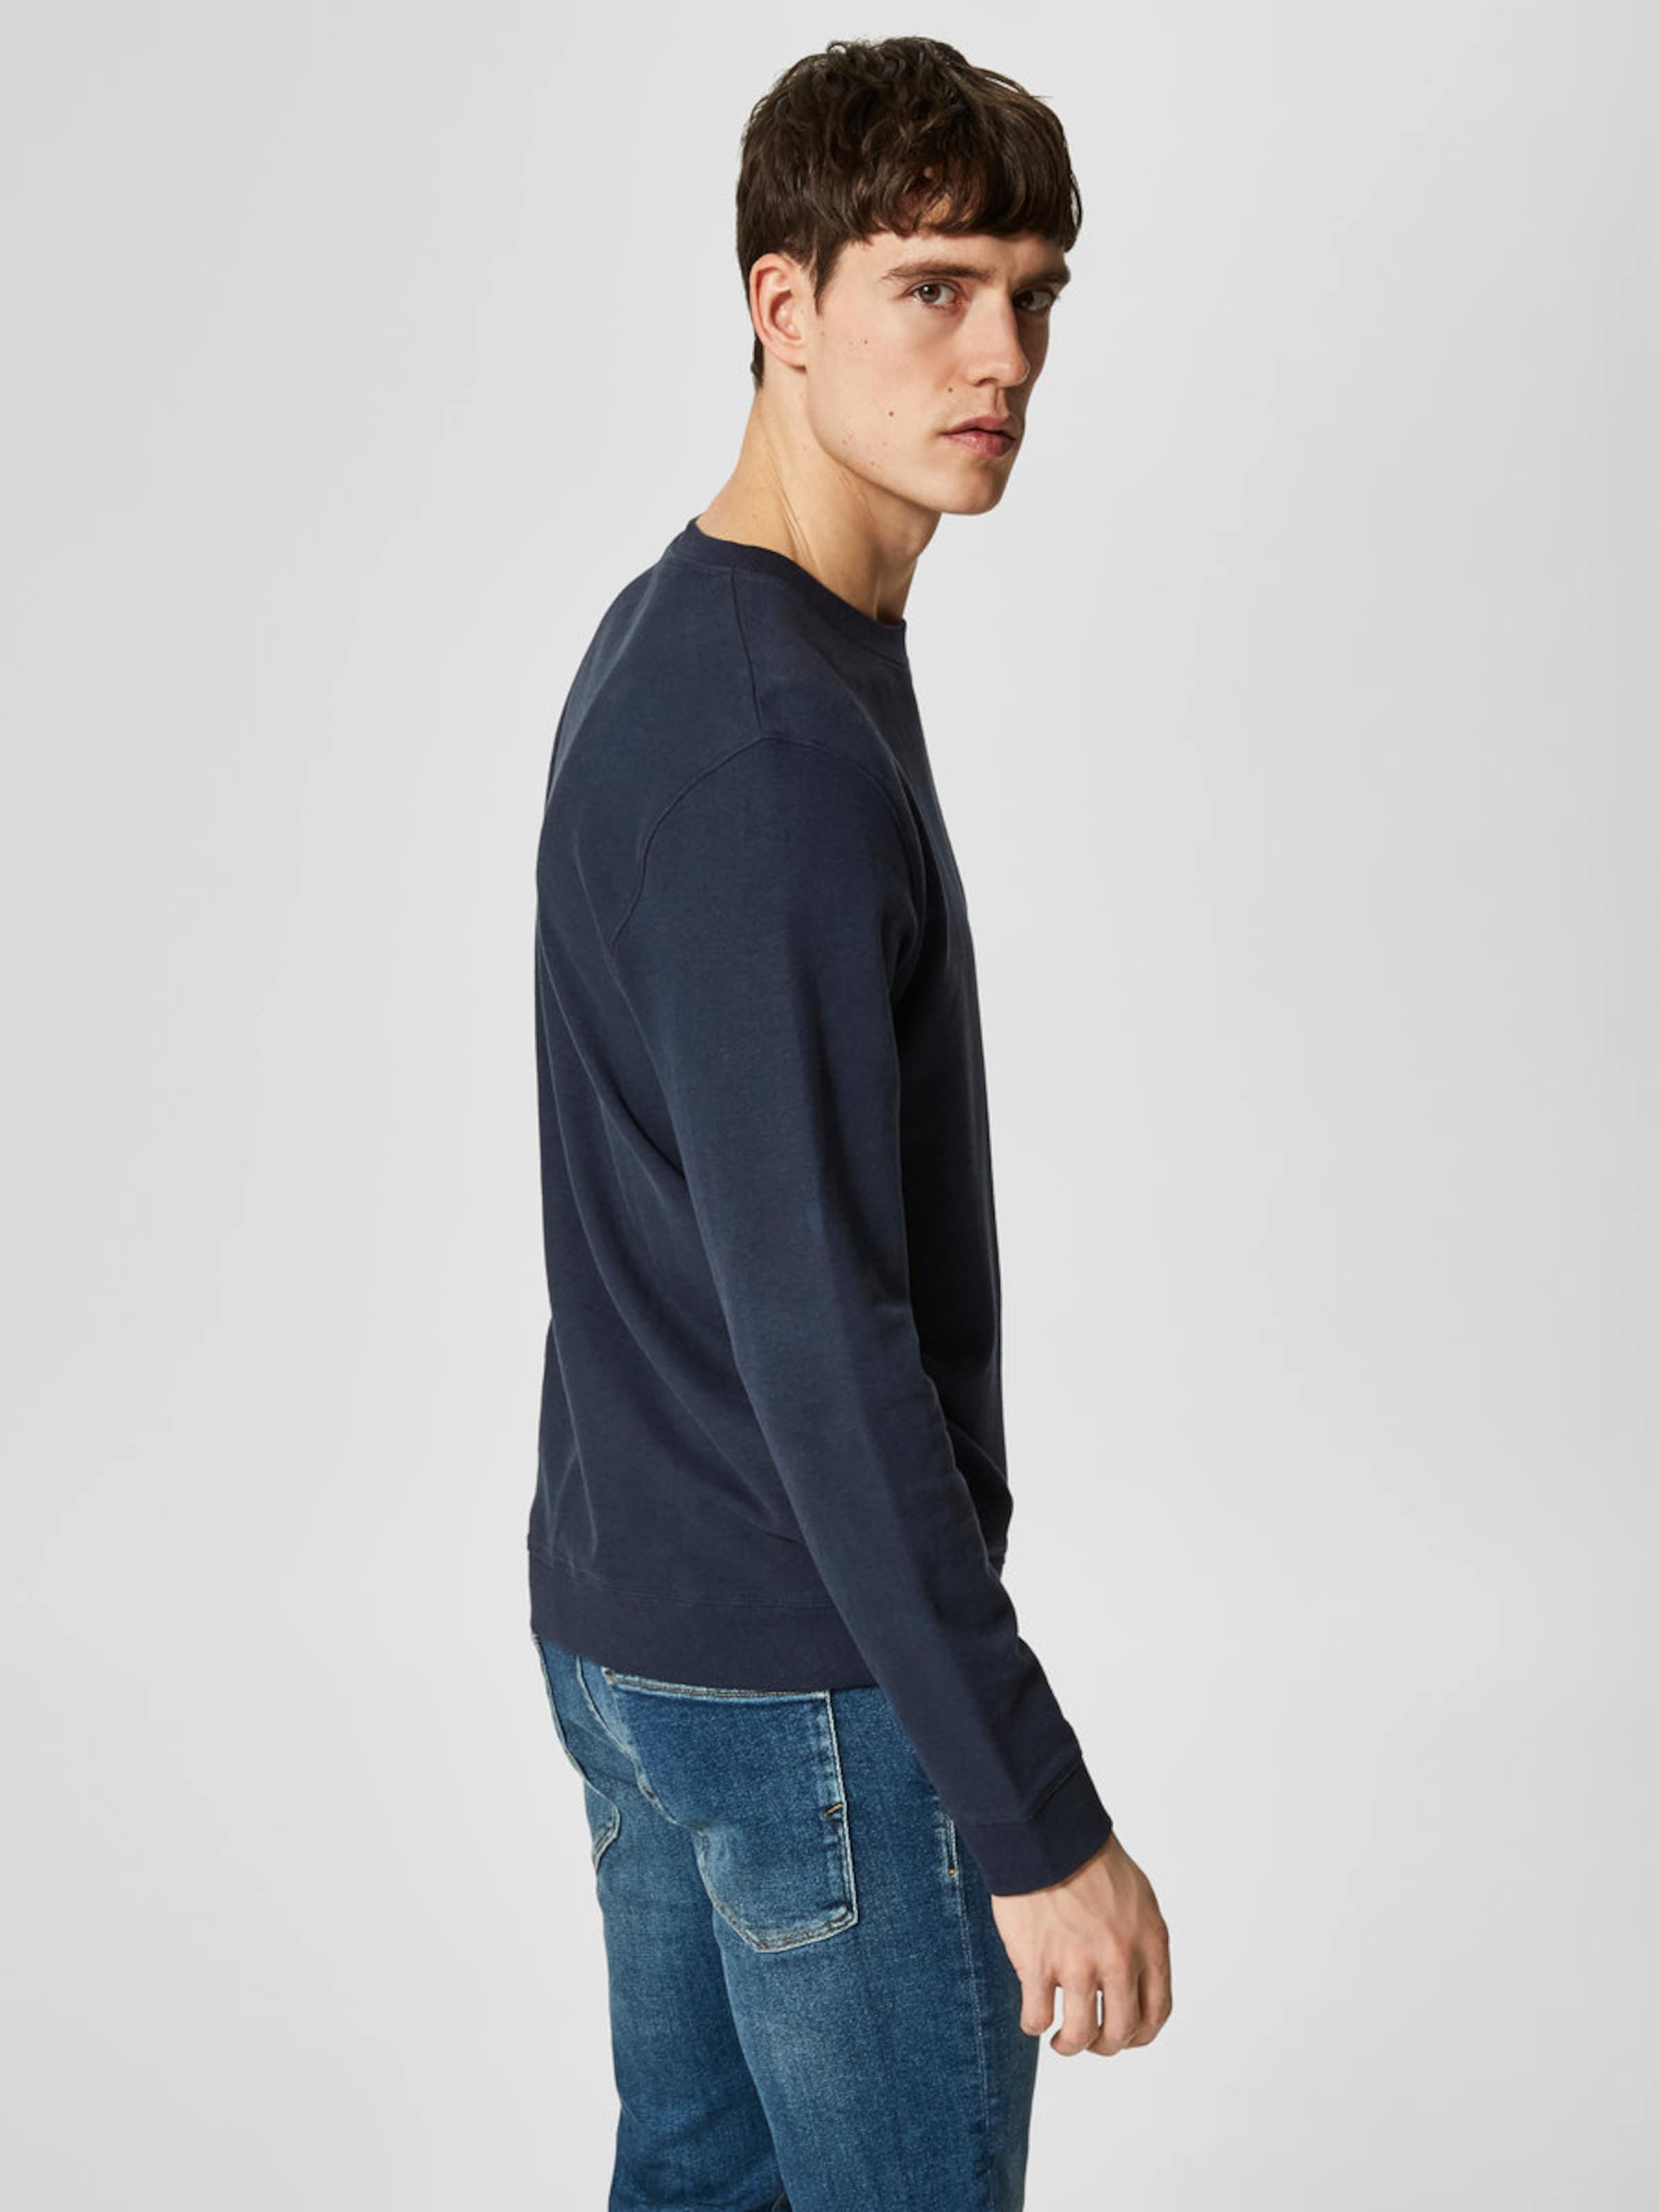 Countdown-Paket Zum Verkauf SELECTED HOMME Sweatshirt Zu Verkaufen Billig Verkauf Online-Shopping Günstig Kaufen Vermarktbare Outlet Besten Preise SOTt90JE